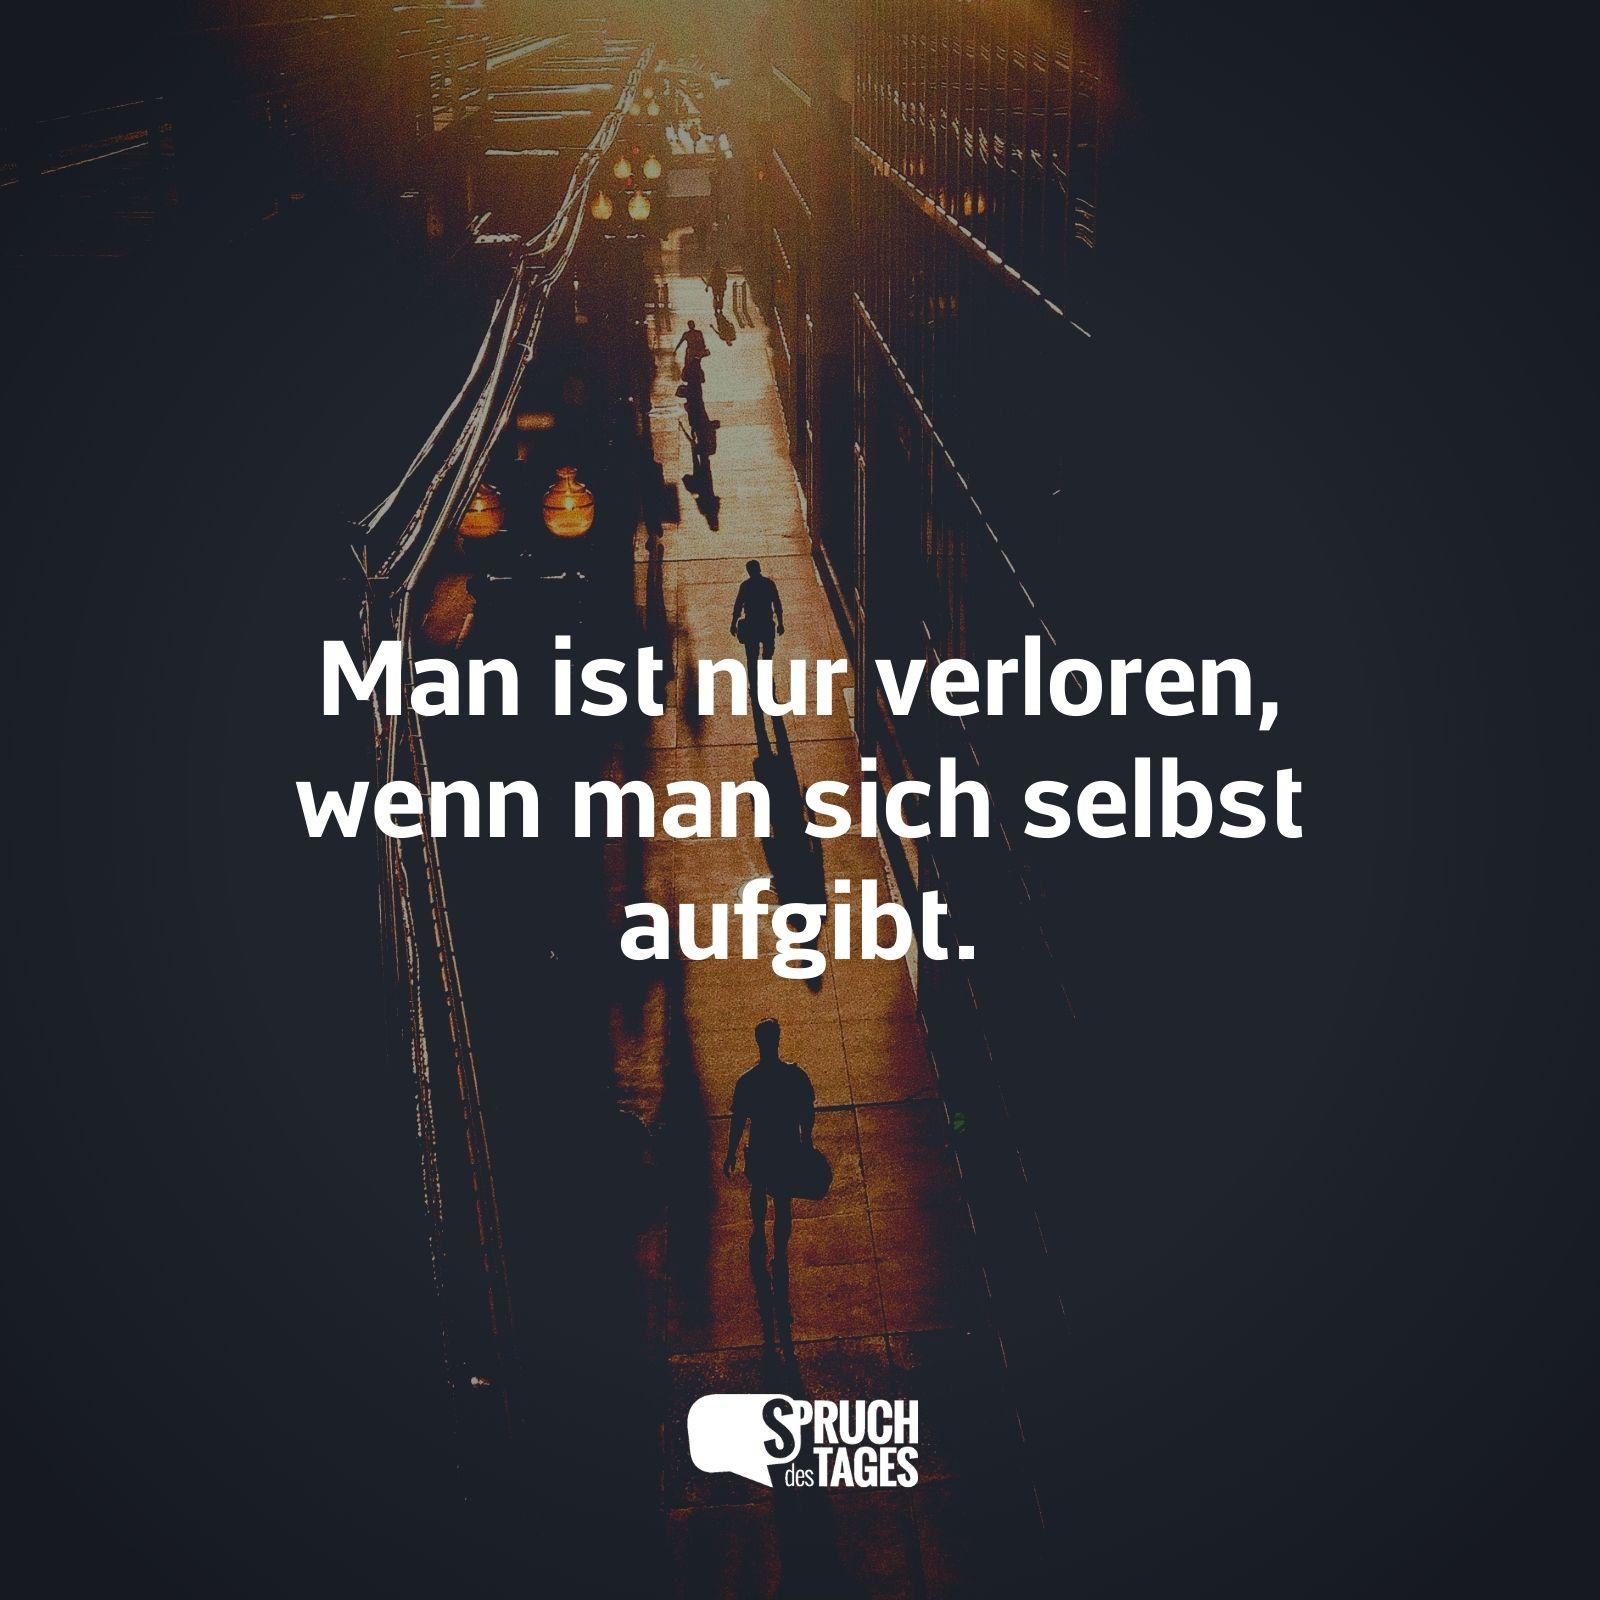 http://www.spruch-des-tages.org/images/sprueche/man-ist-nur-verloren-wenn-man-sich-selbst-aufgibt.jpg